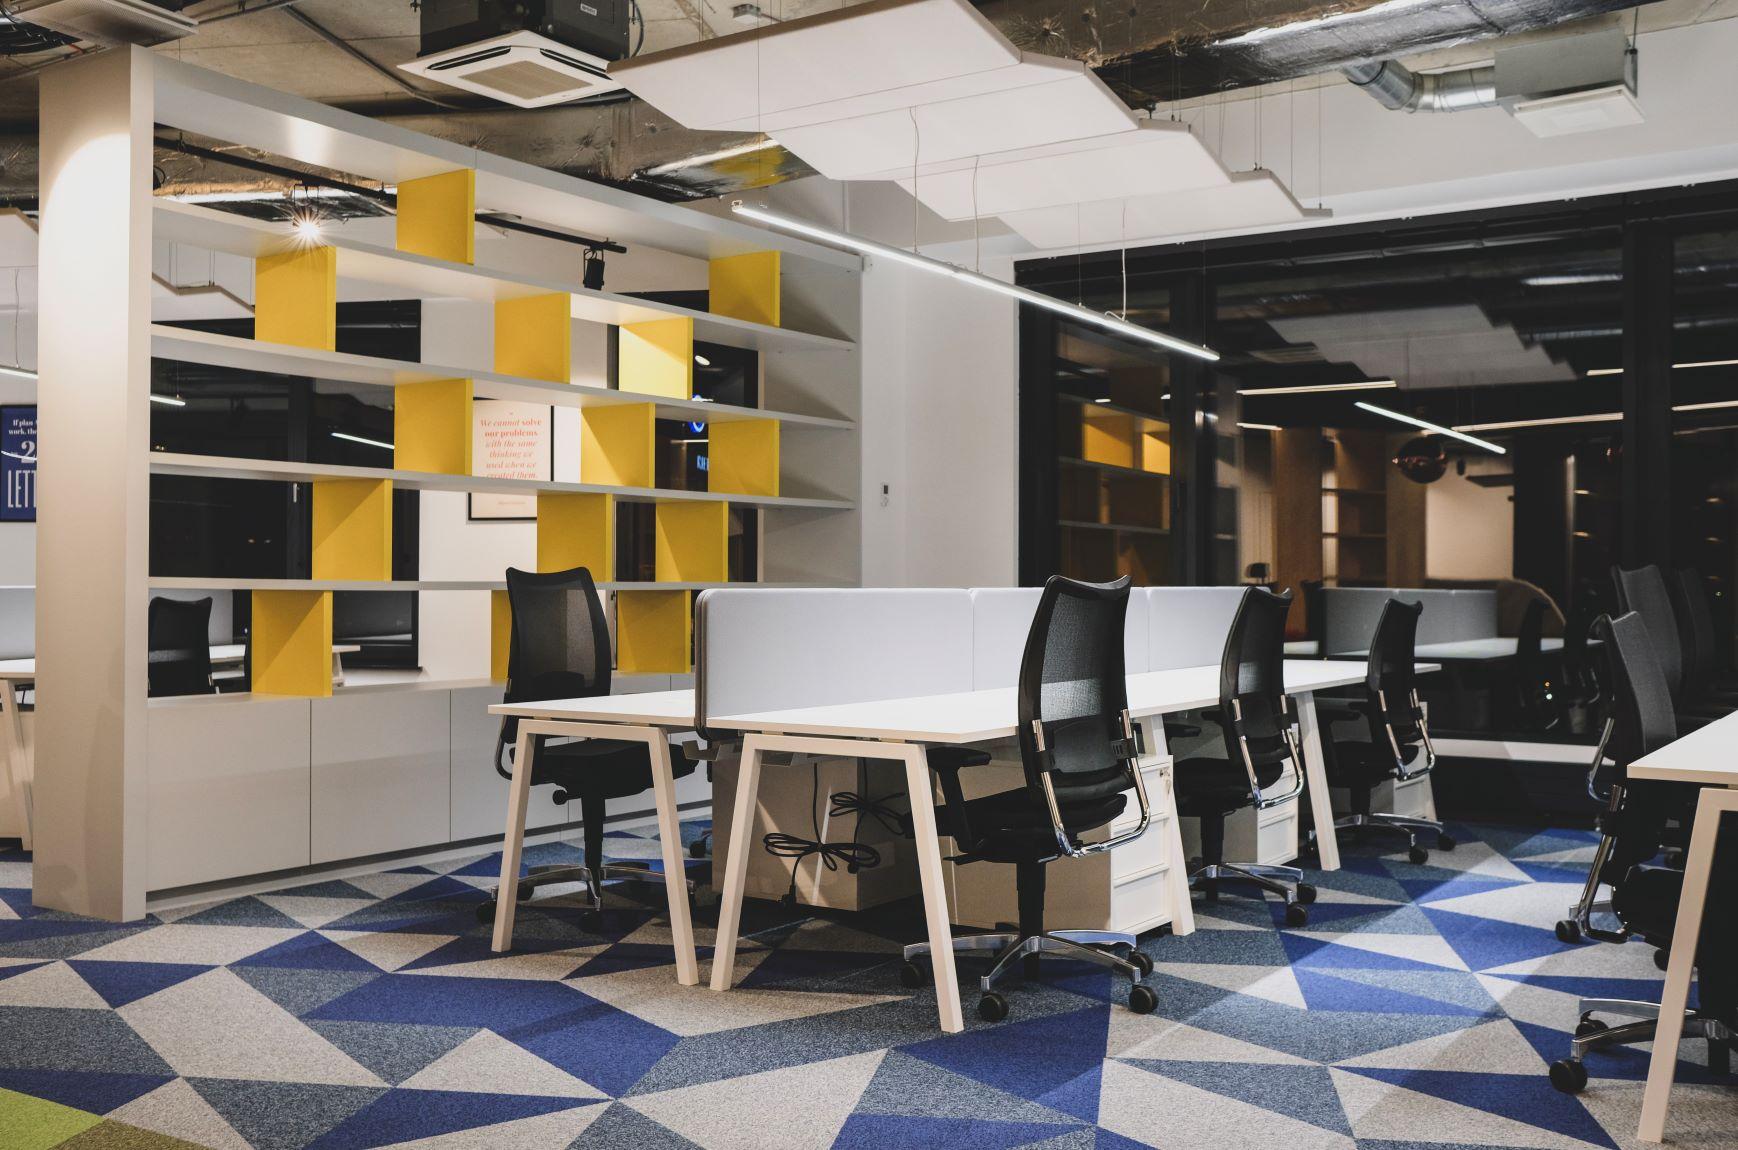 Biroja krēsli ar biroja galdiem un pēc individuālām vajadzībām izgatavoti atvērti plaukti